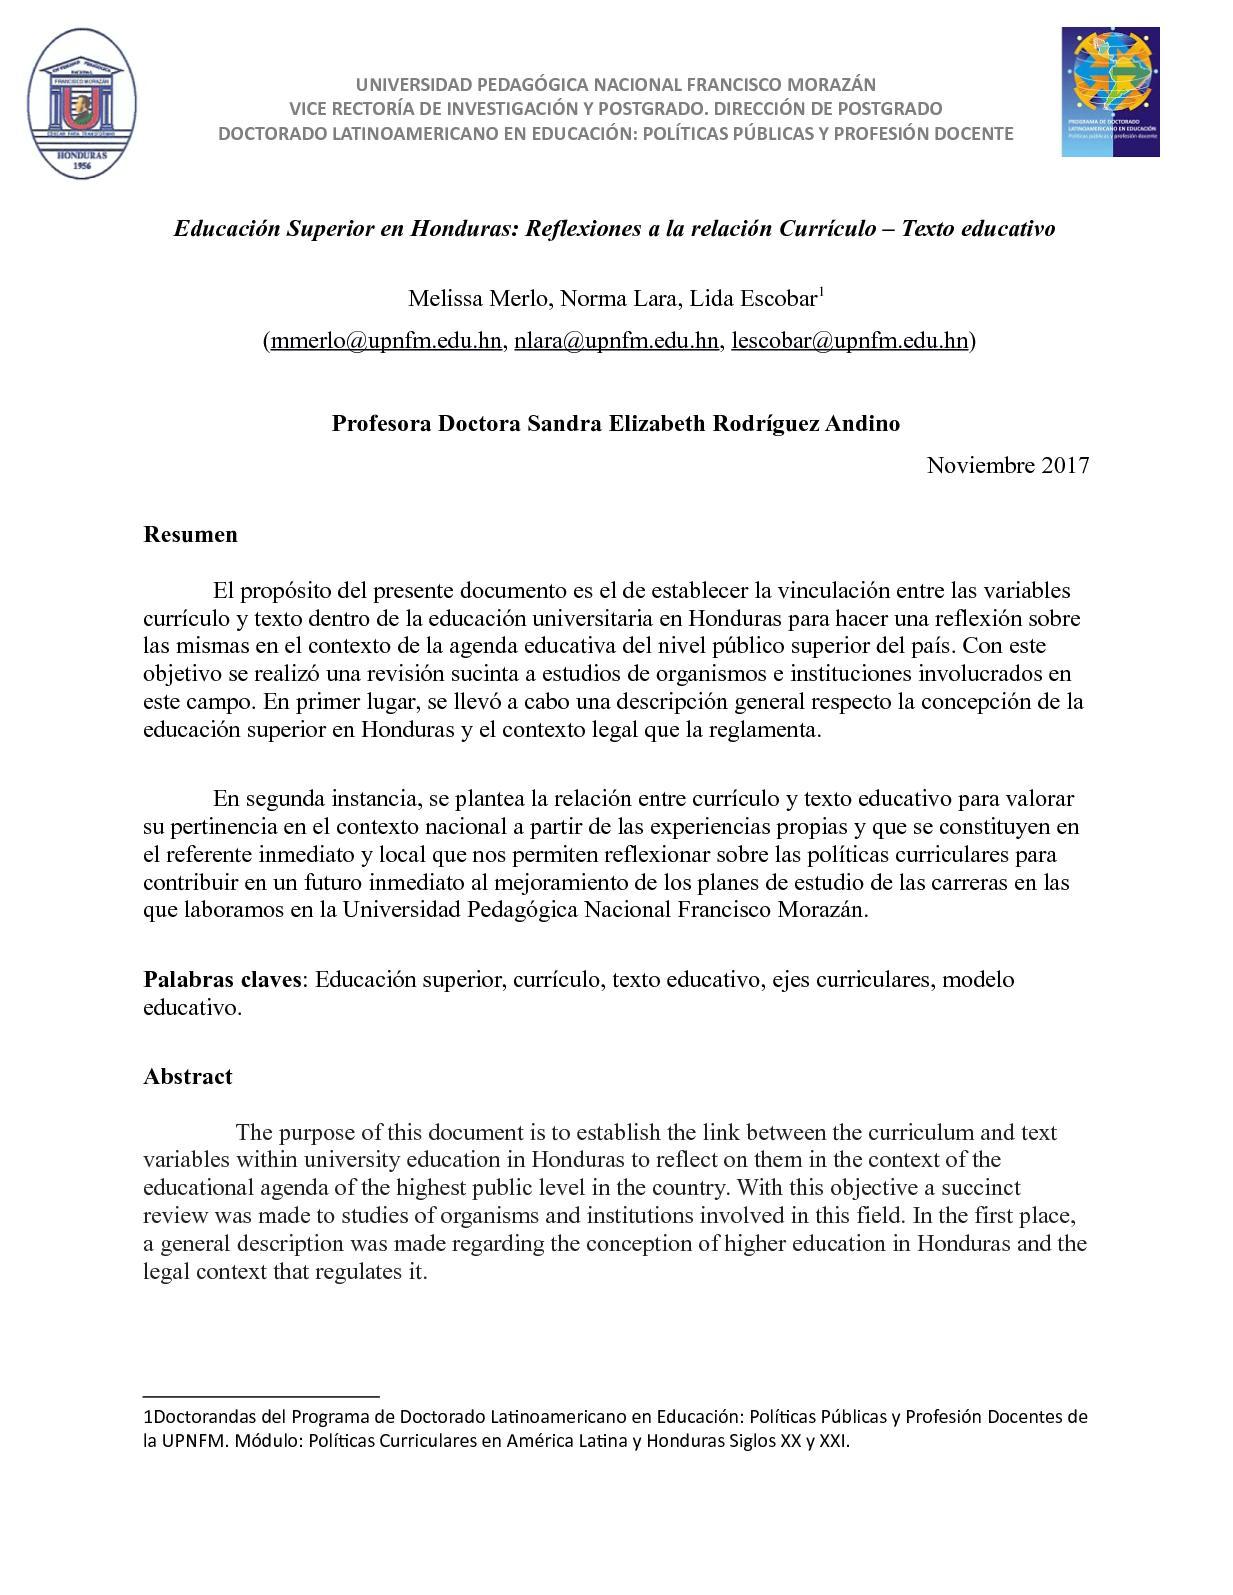 Calaméo - Ensayo La Educación Superior Lara, Merlo Y Escobar Nov ...